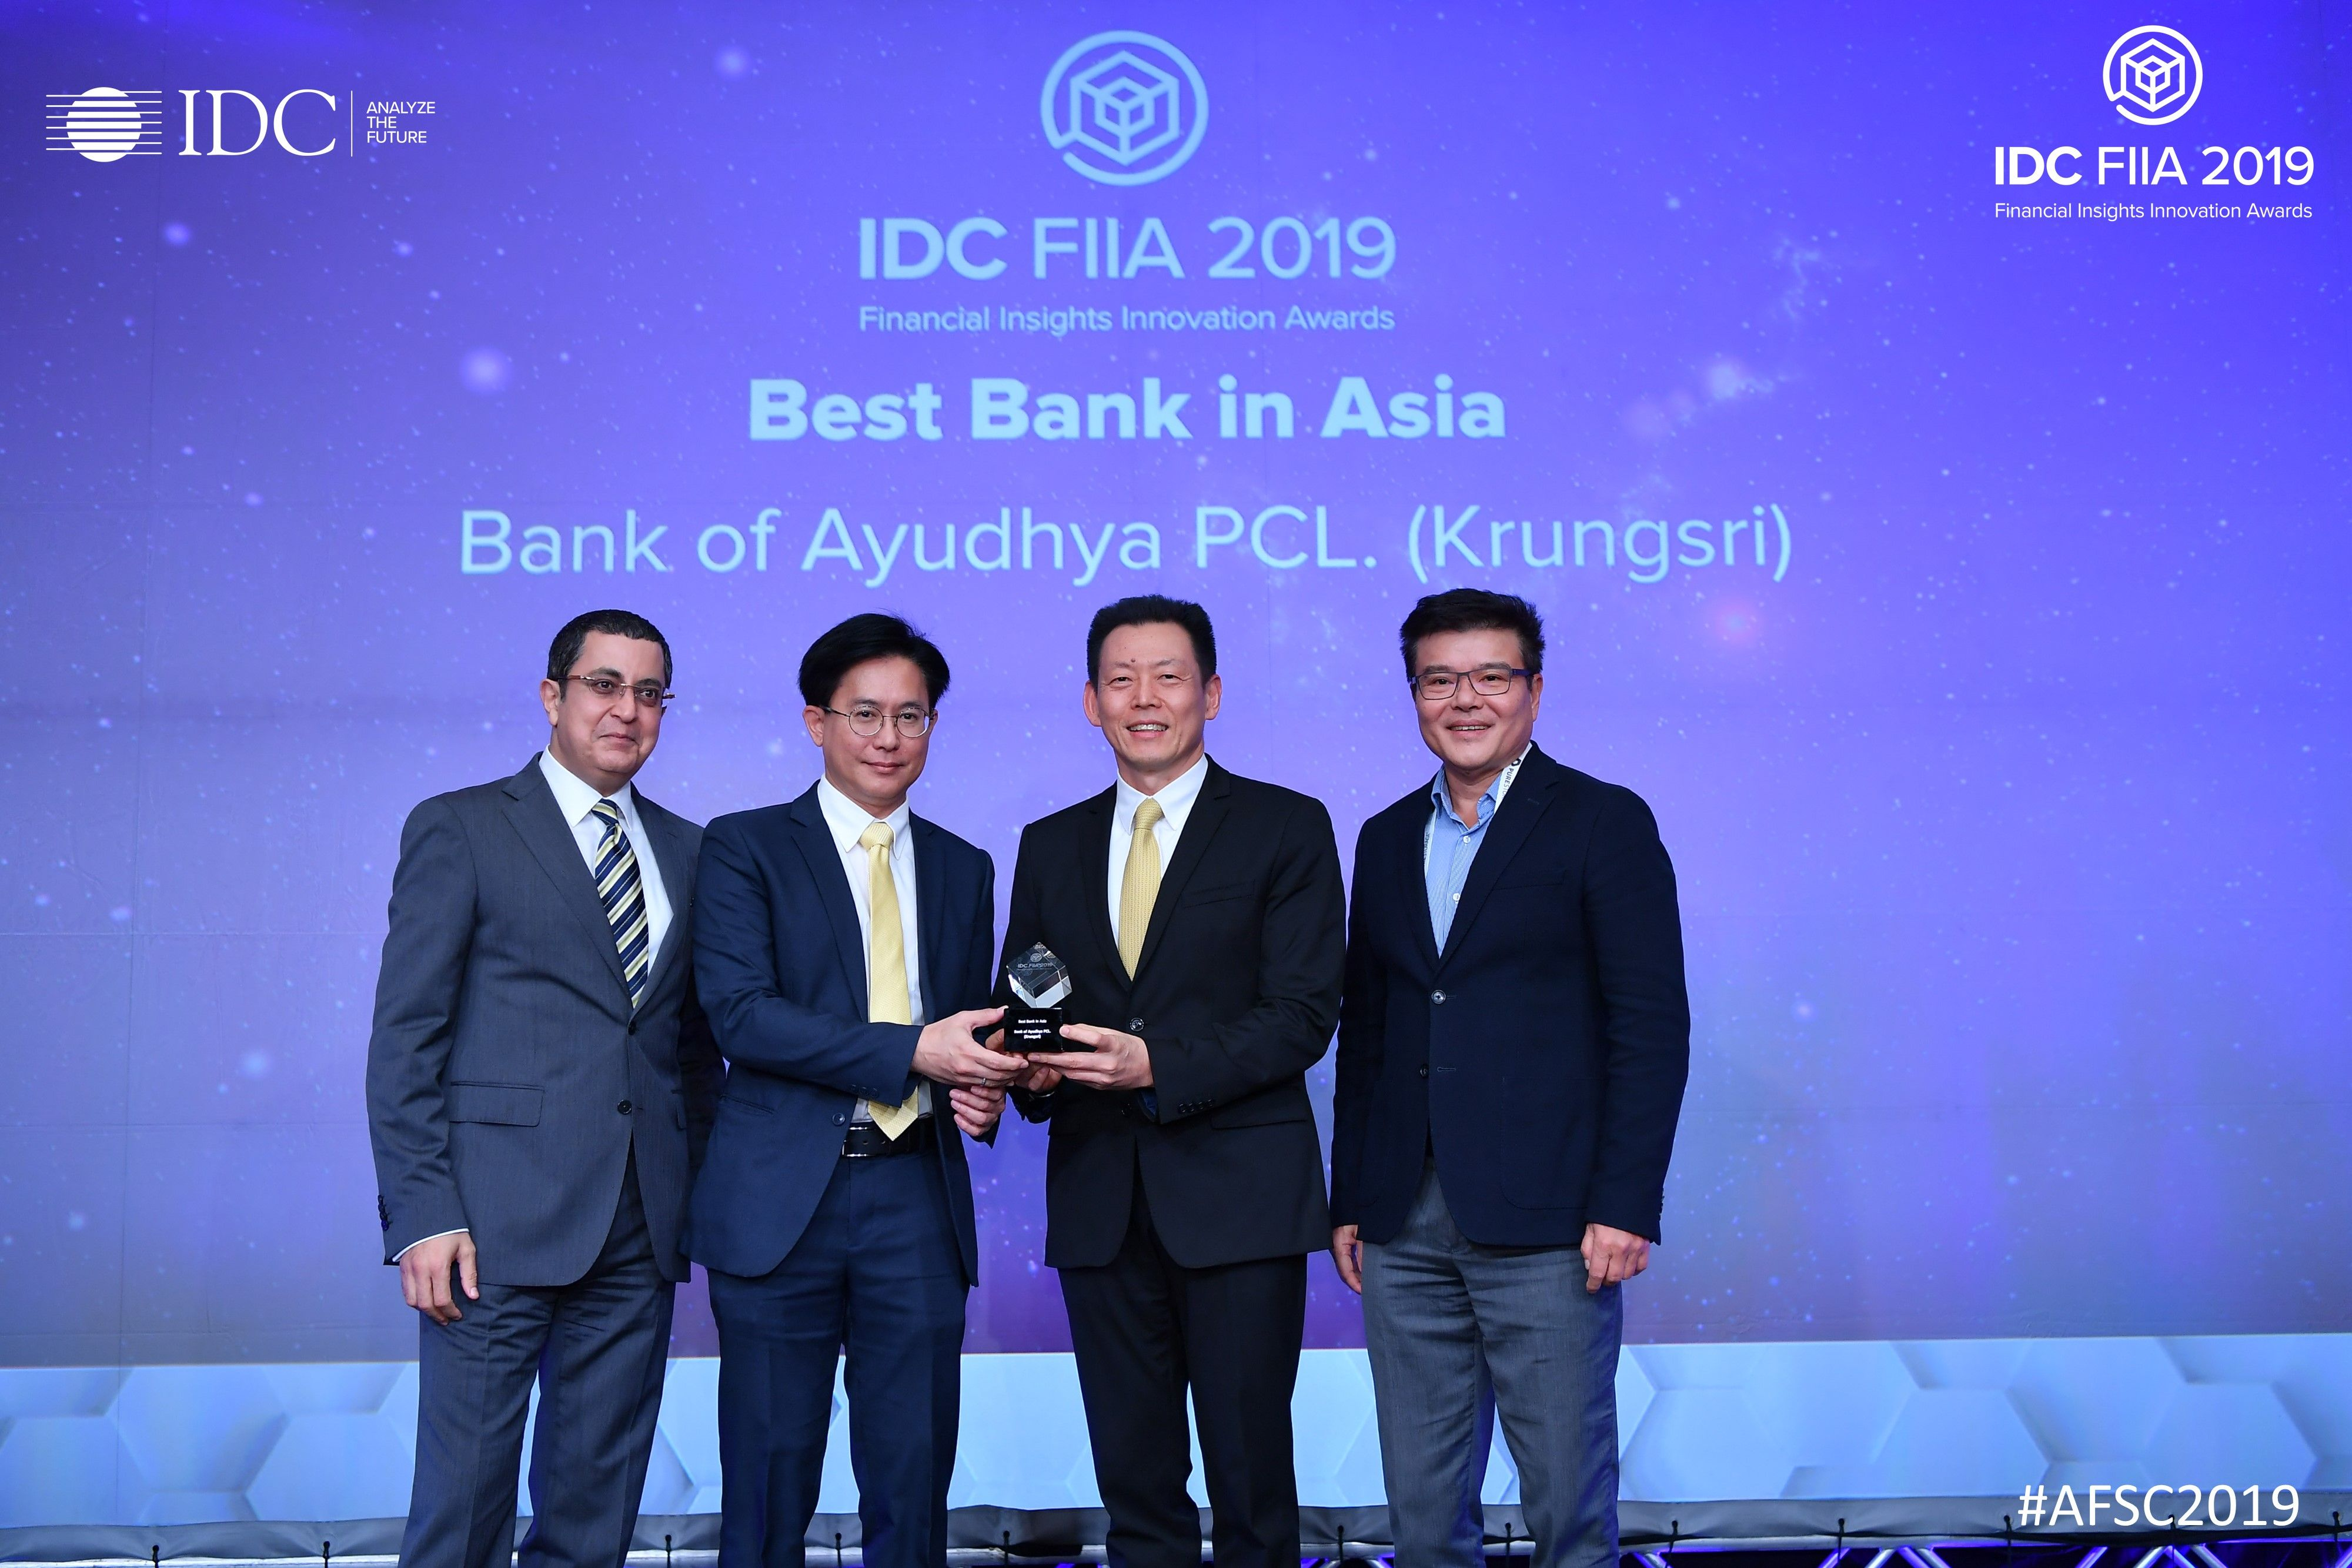 กรุงศรีคว้ารางวัล Best Bank in Asia/ Pacific จาก IDC